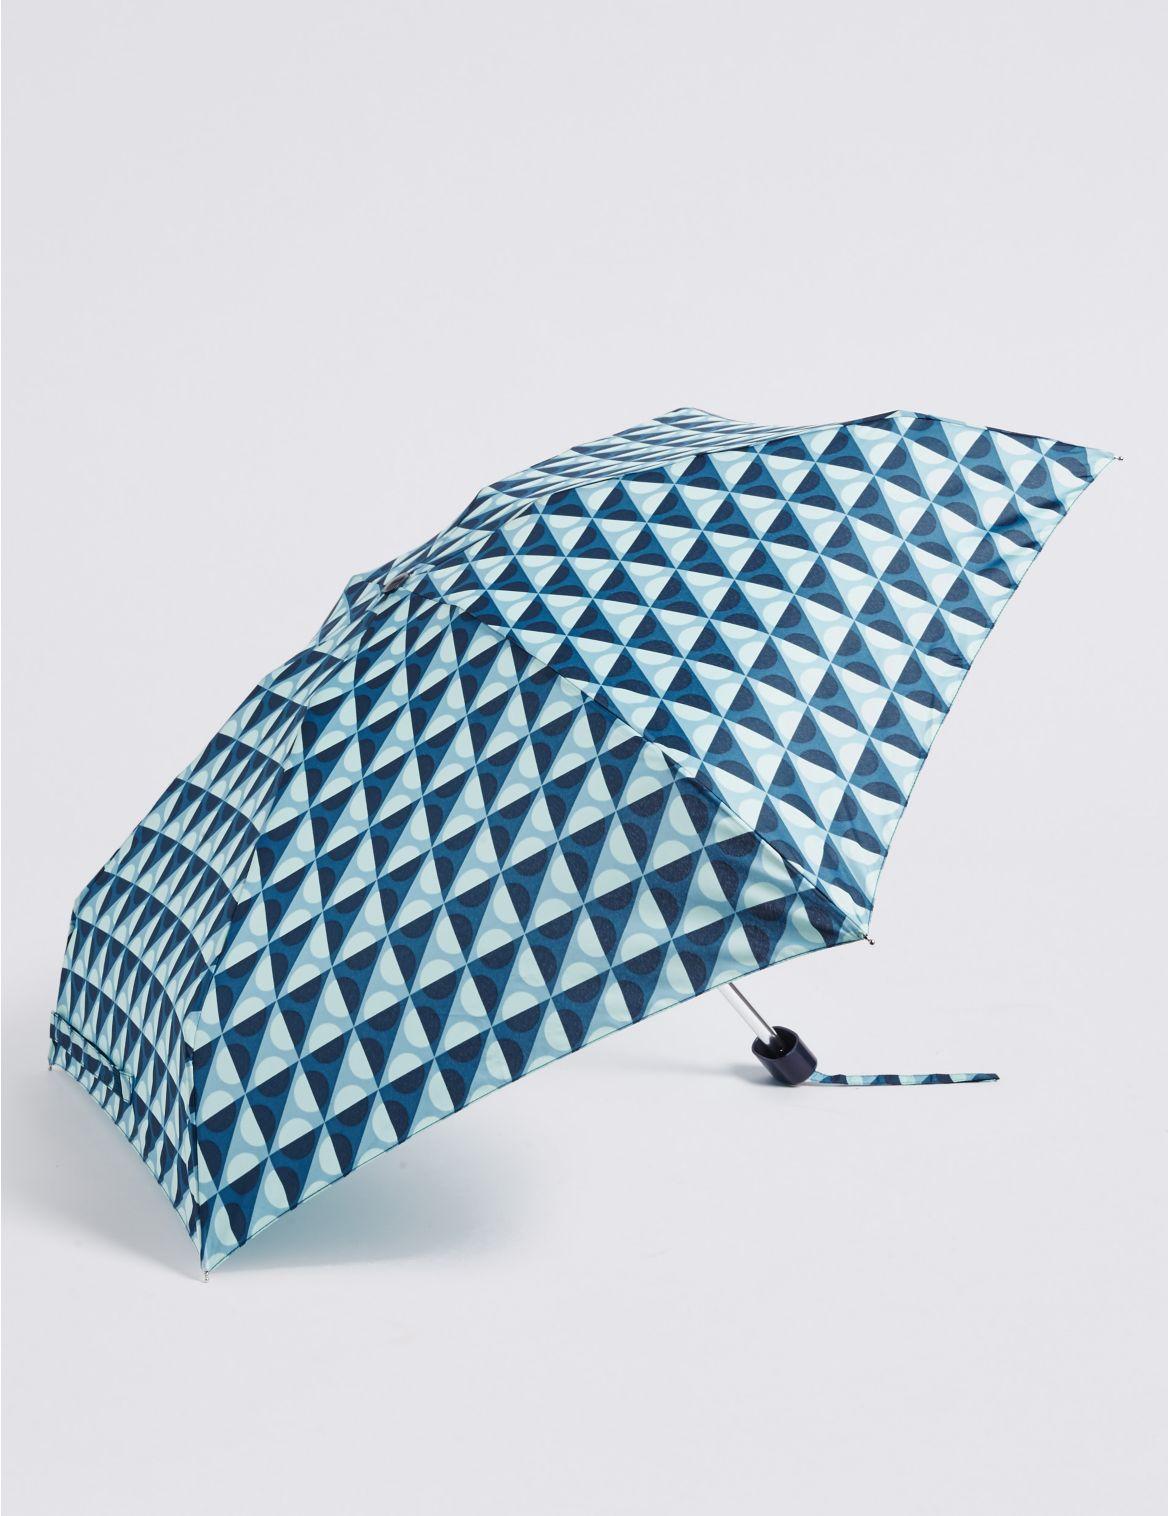 Parapluie compact à pois, doté de la technologie Stormwear™